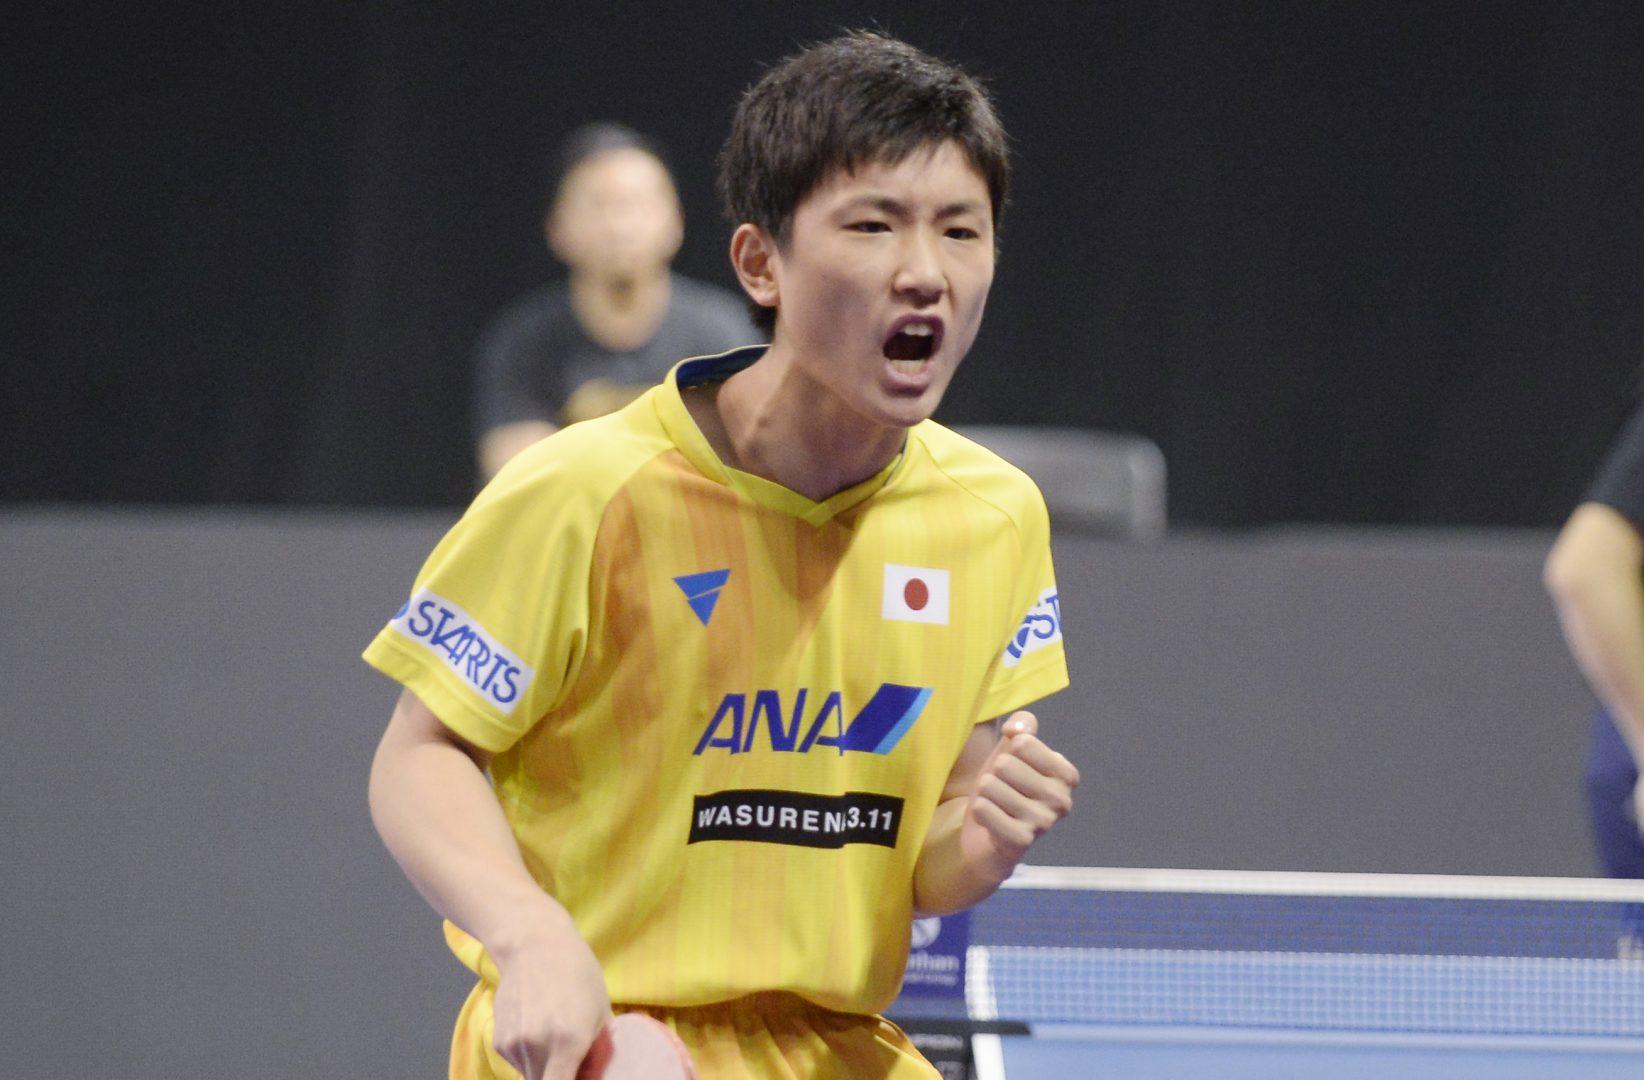 【卓球】張本智和・大島祐哉が準々決勝に進出 日本勢優勝なるか<ITTFオーストラリアOP 男子4日目の結果>